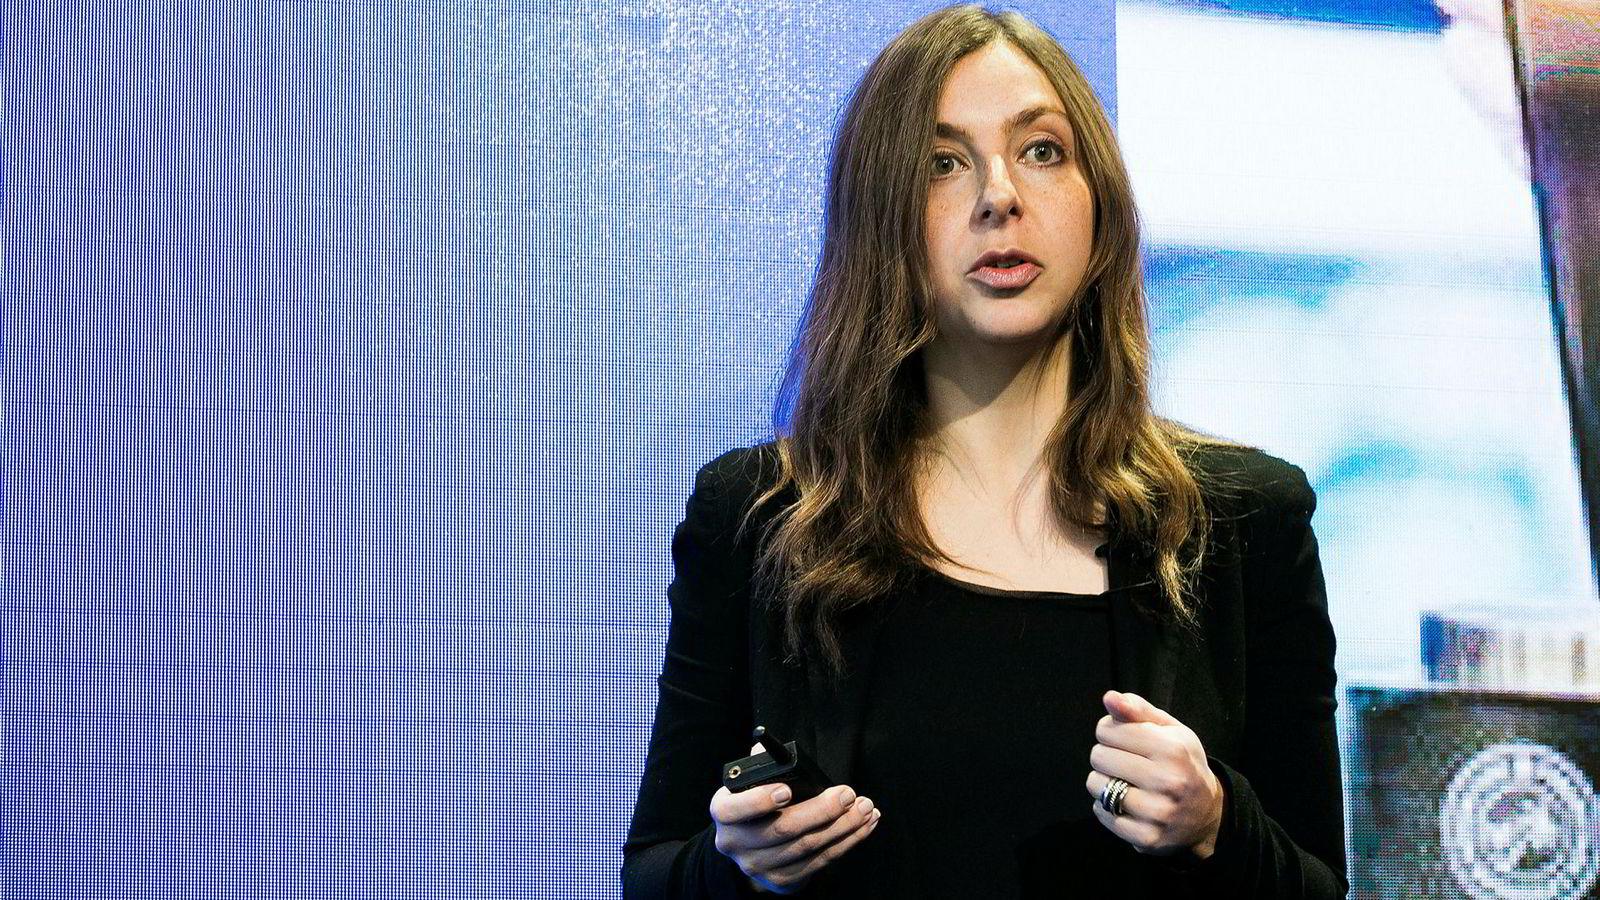 Psykolog og pokerspiller Maria Konnikova mente flere investorer bør spille poker for å forstå risiko. Onsdag deltok hun på Verdens økonomiske forum i Davos.